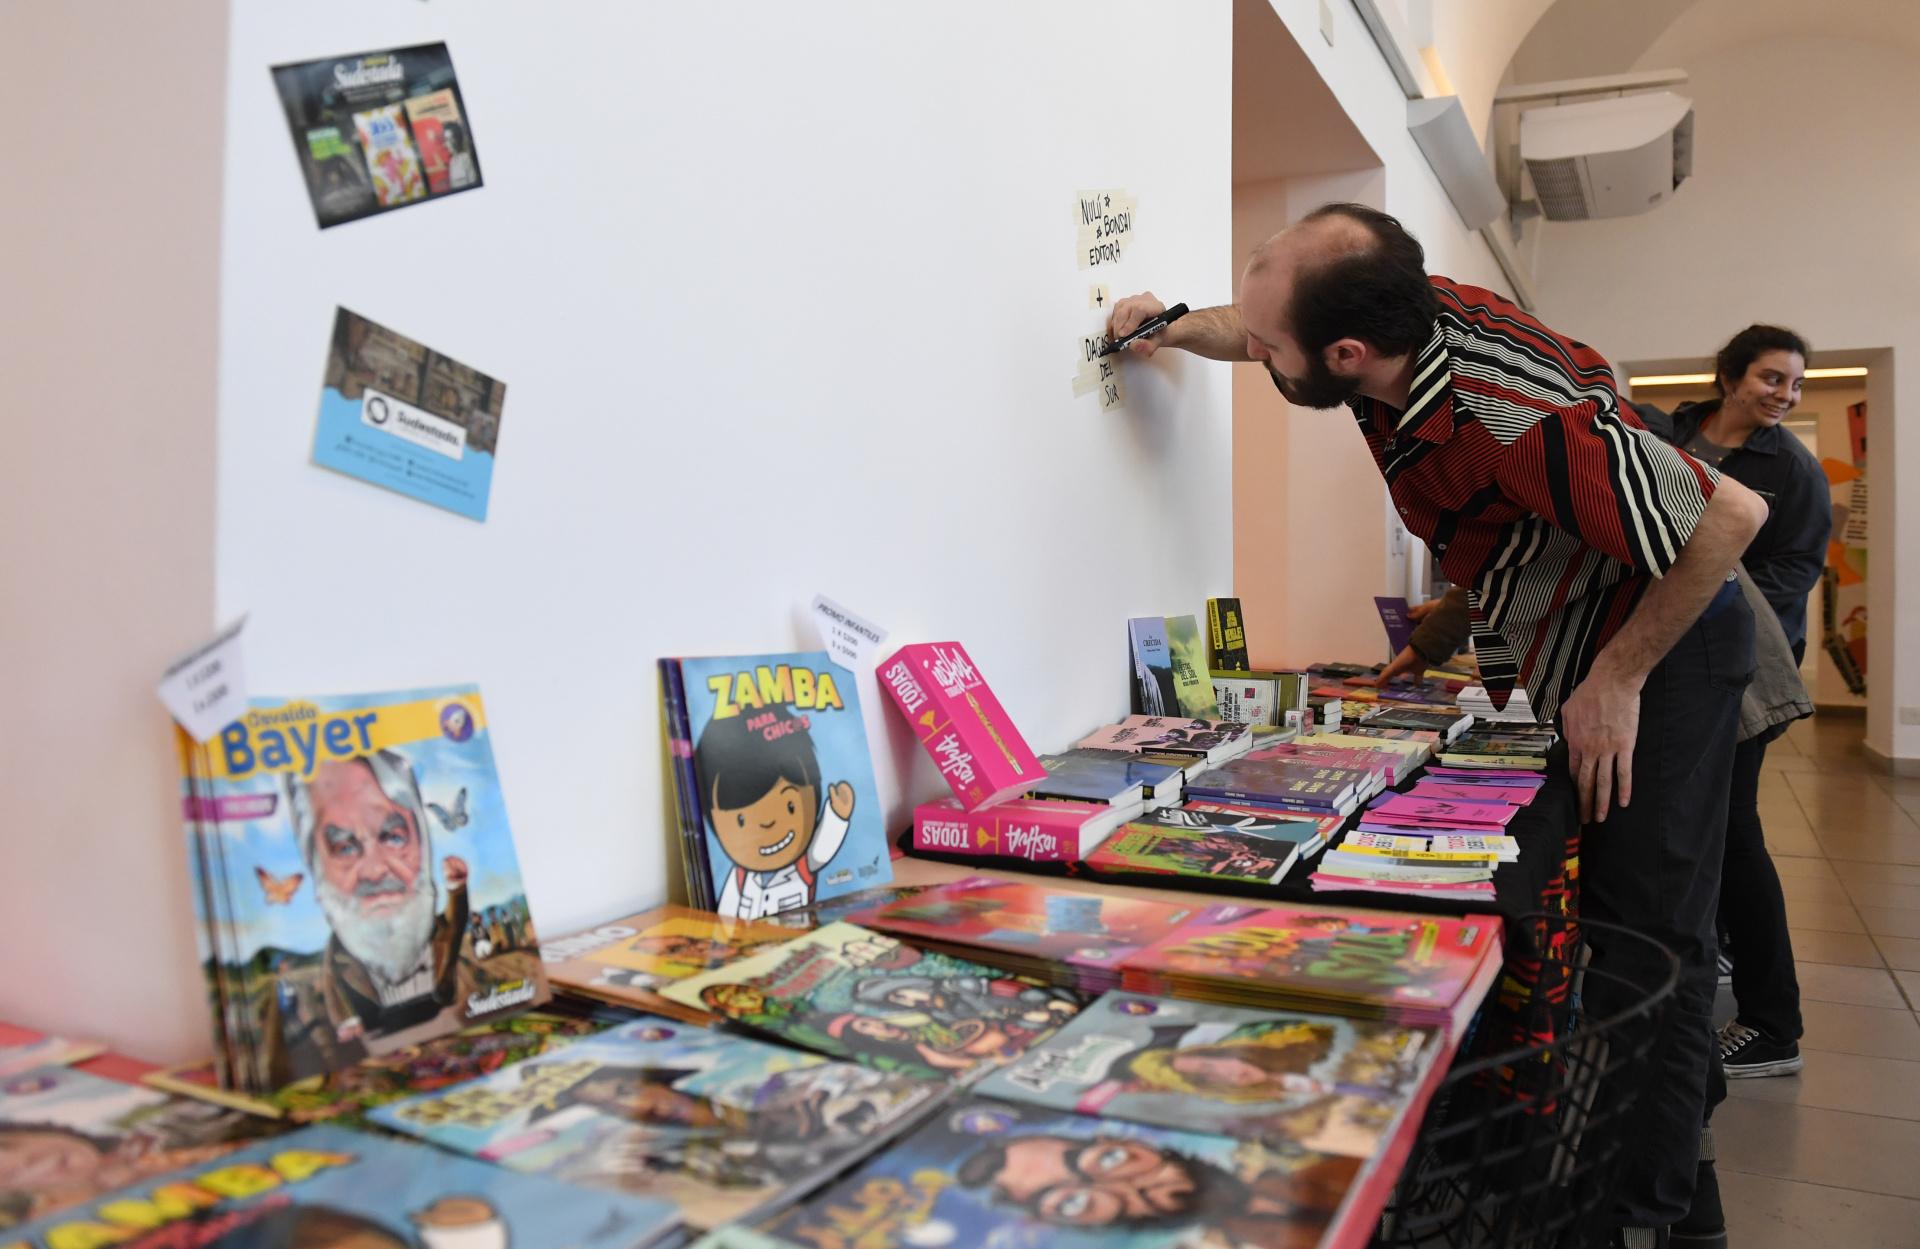 Para los amantes de la literatura, hay también un lugar para comprar libros e historietas